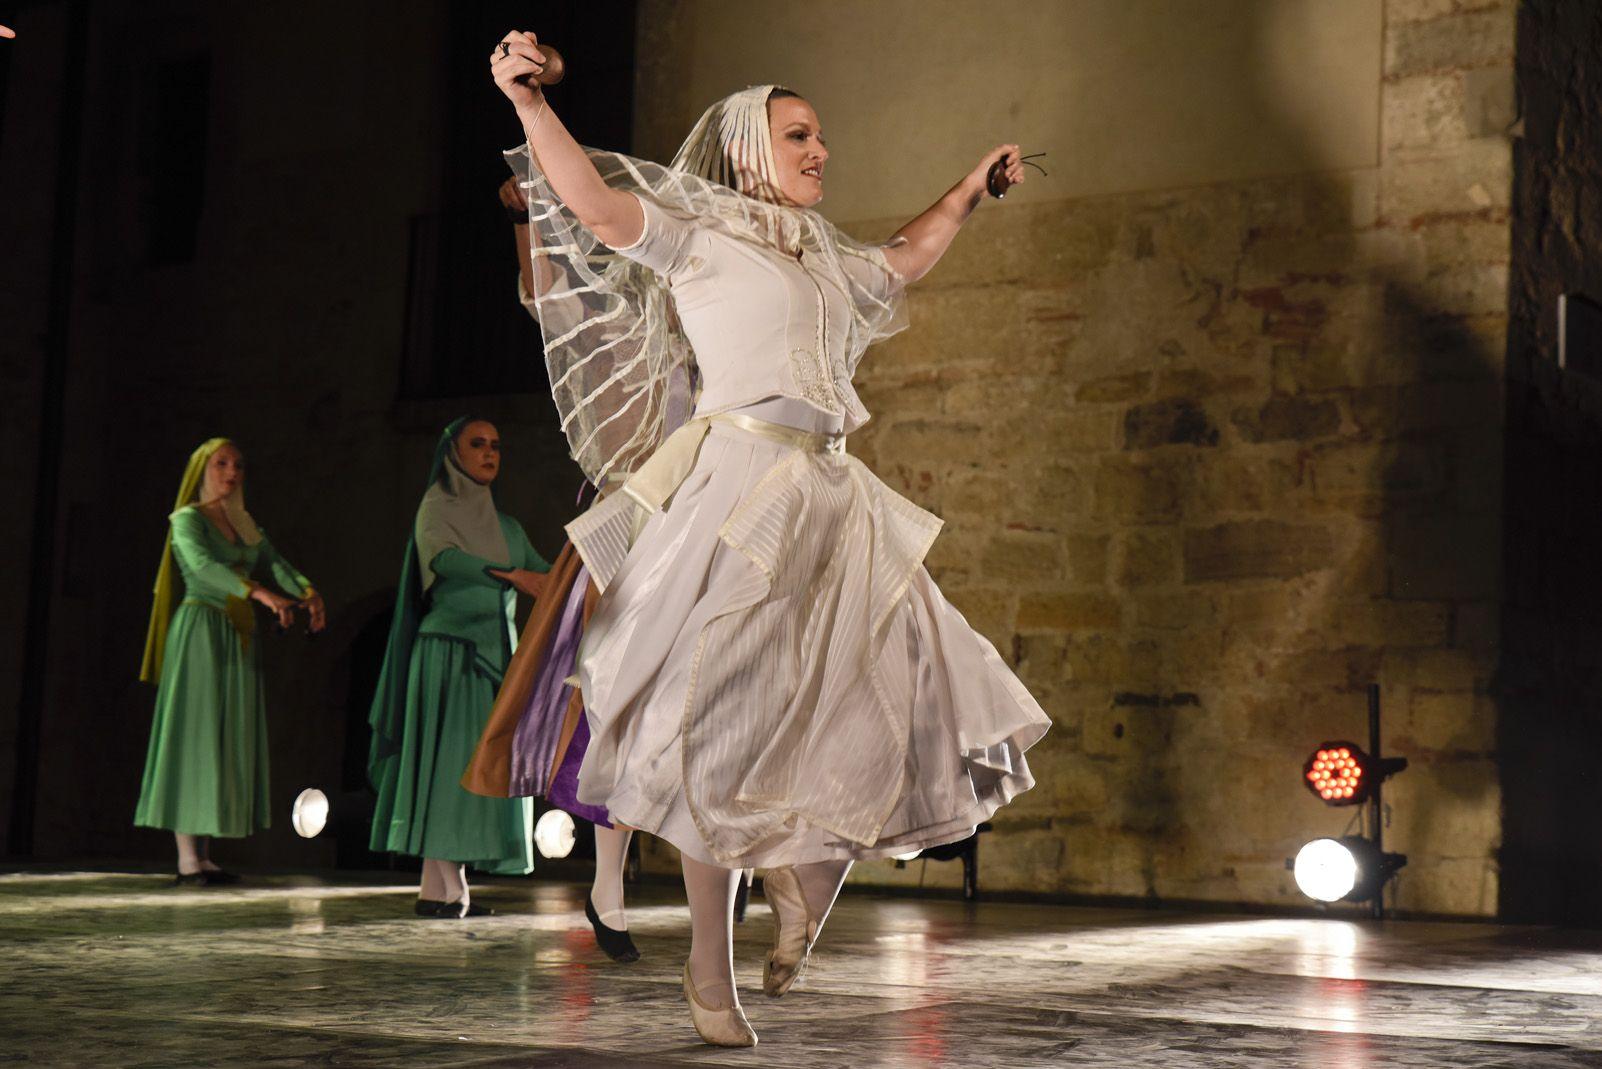 Trasdansar: espectacle de dansa d'arrel tradicional per el grup Mediterrania. Foto: Bernat Millet.